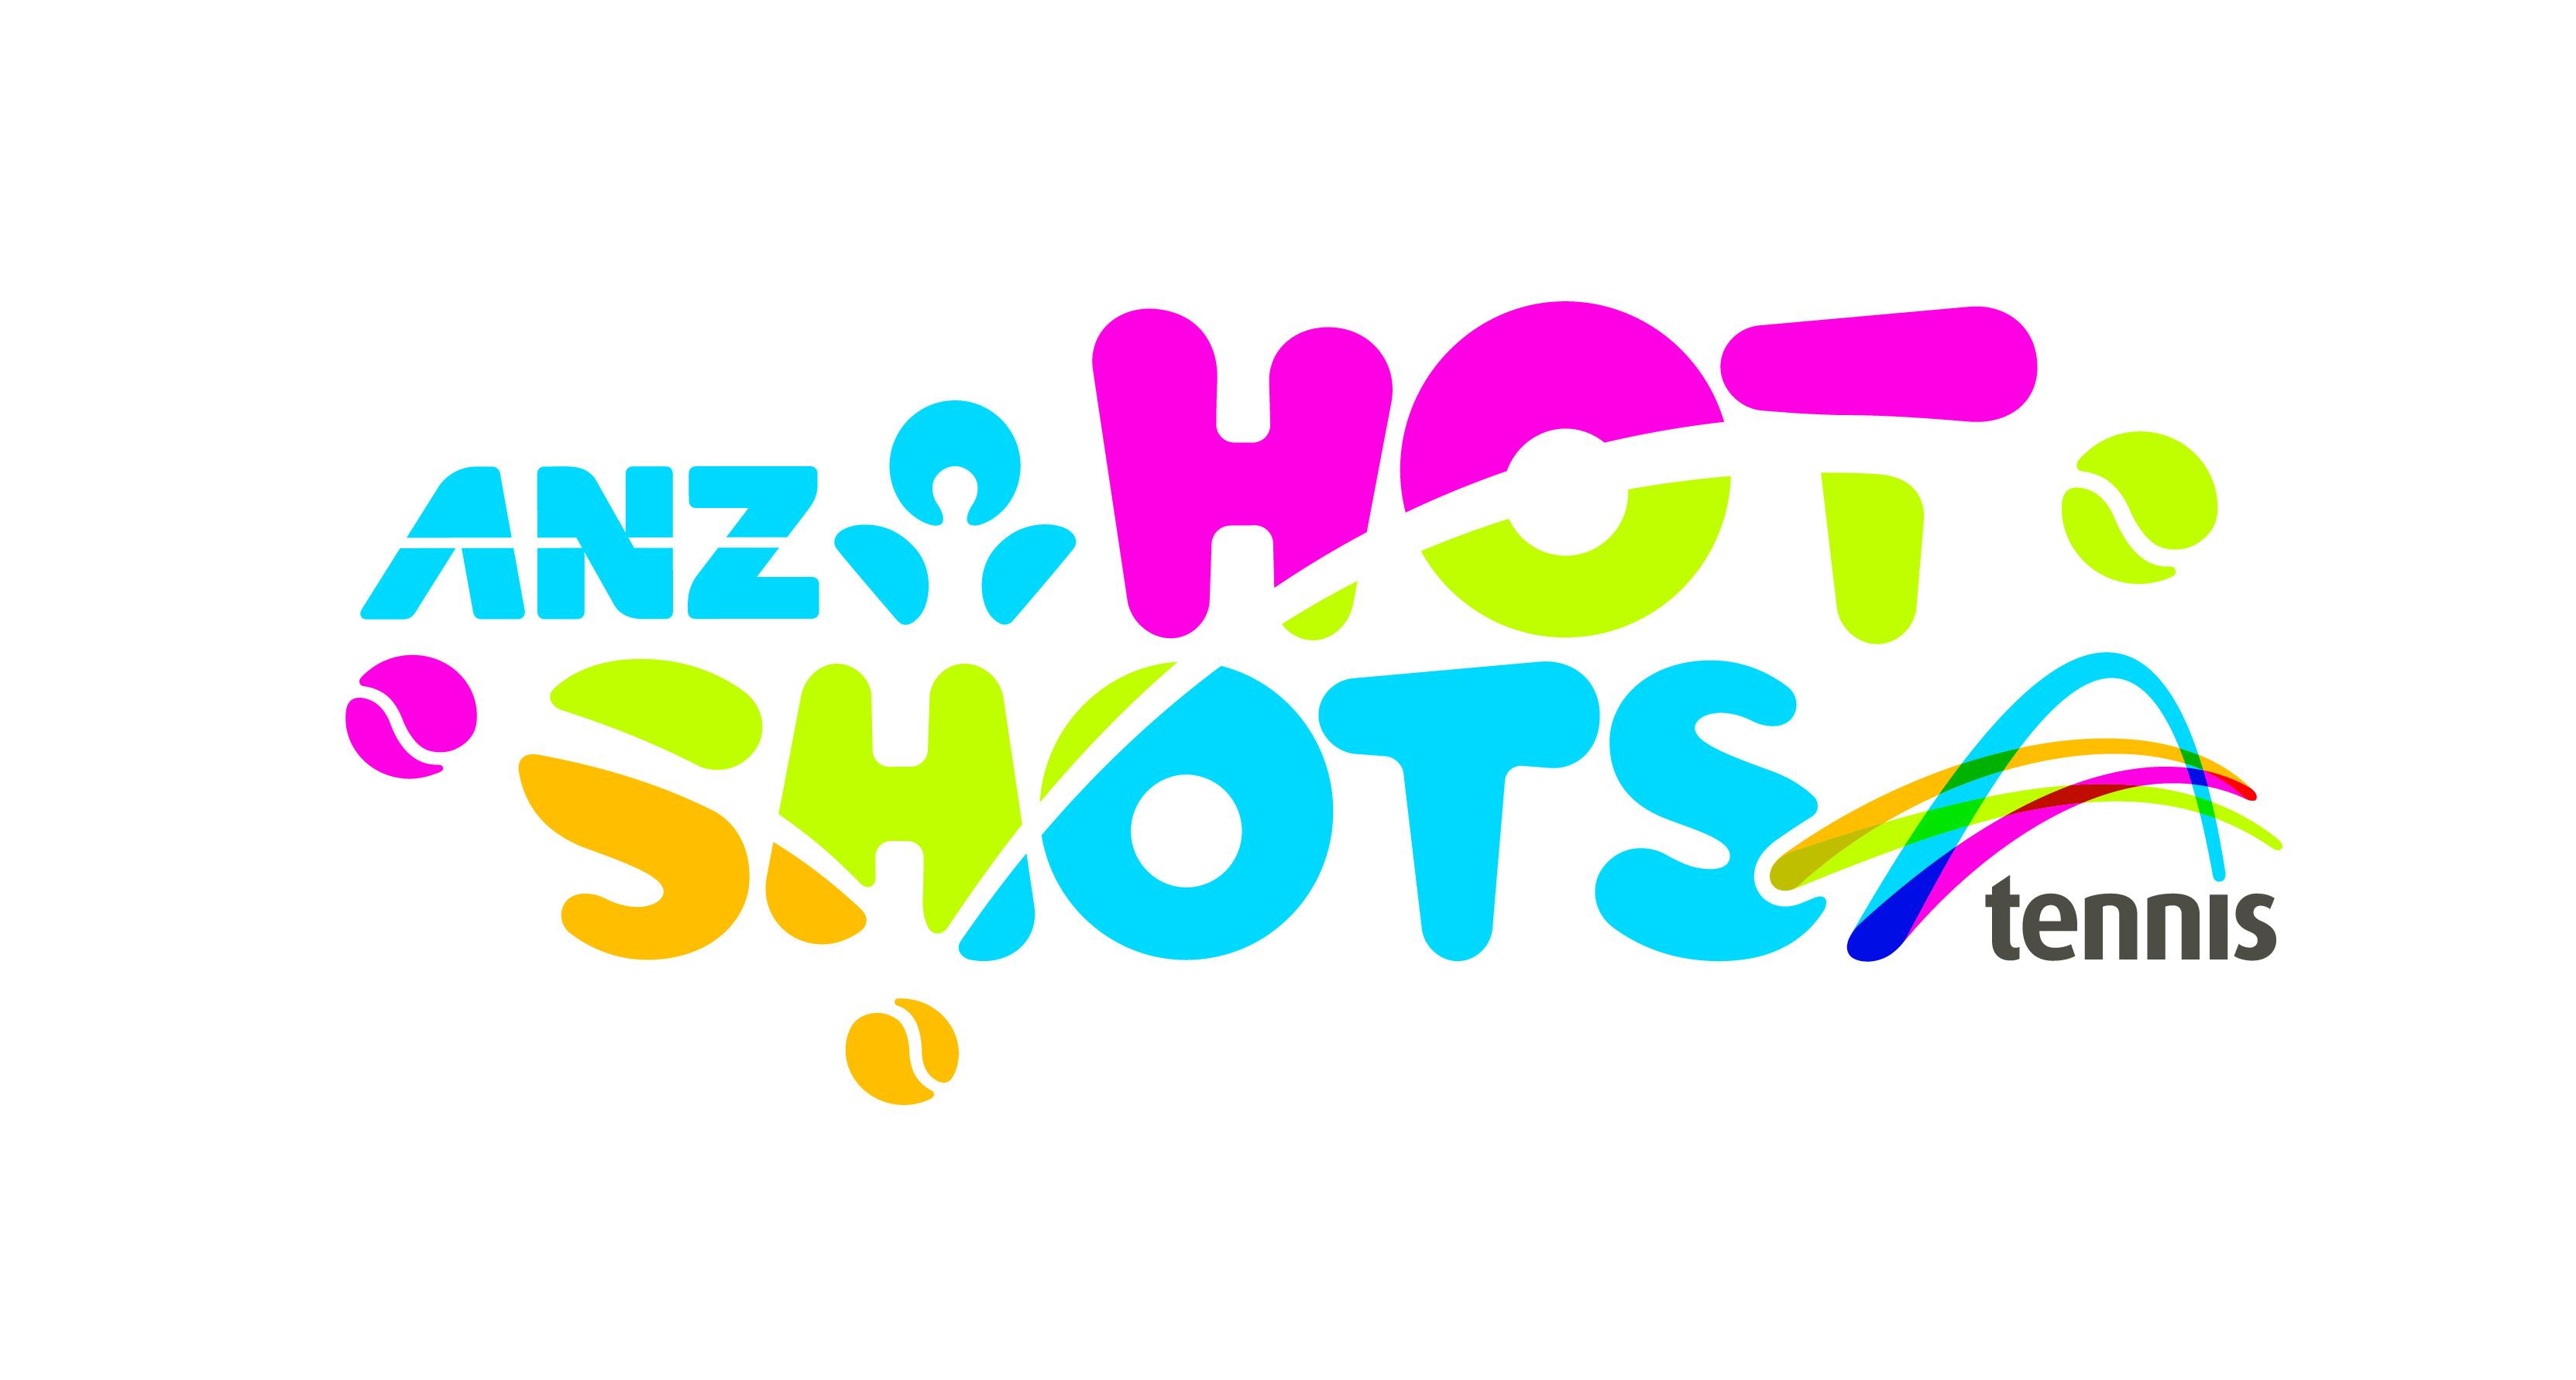 HotShots_Master_Brandmark_CMYK 2014.jpg